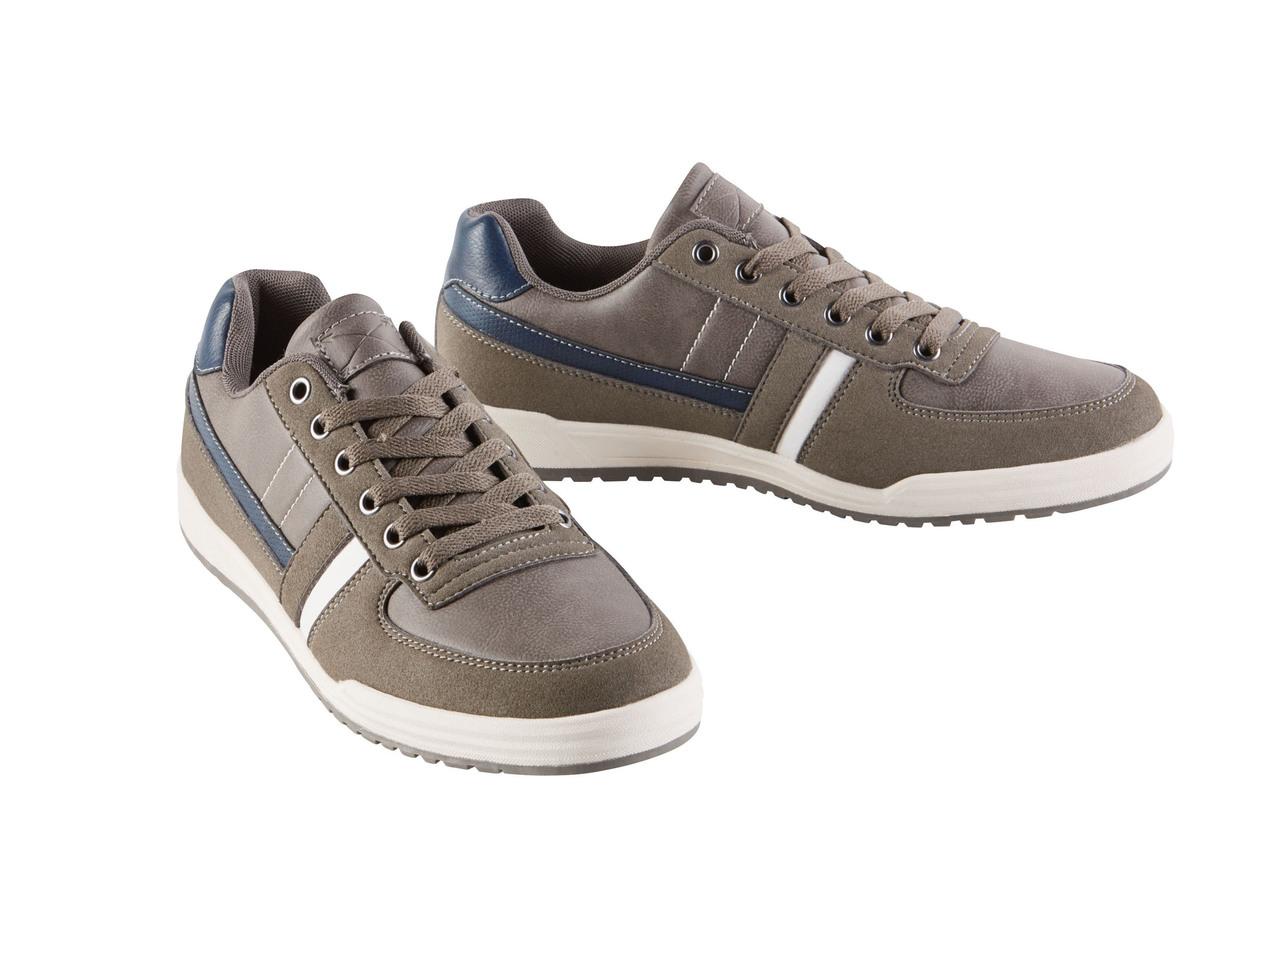 Uomo Da Sneaker — Lidl Archivio Offerte Italia Promozionali JKclF1uT3